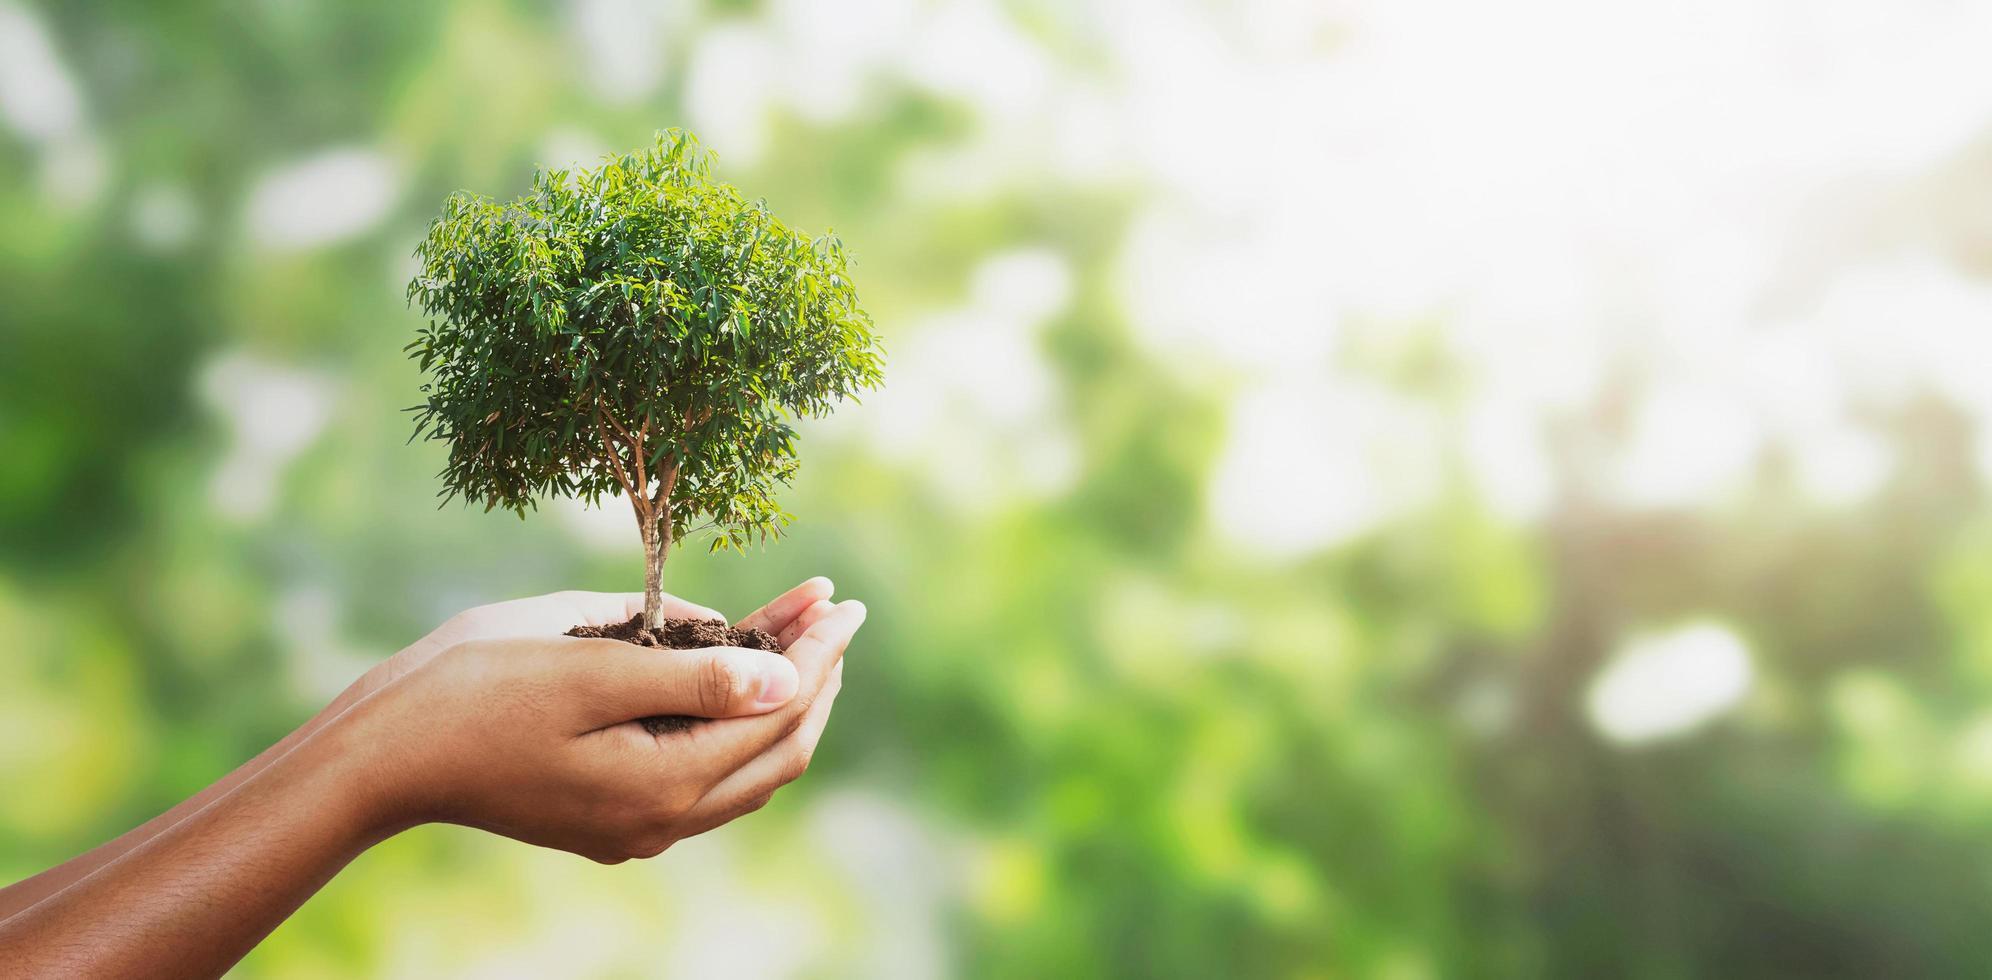 Hand hält einen kleinen Baum foto